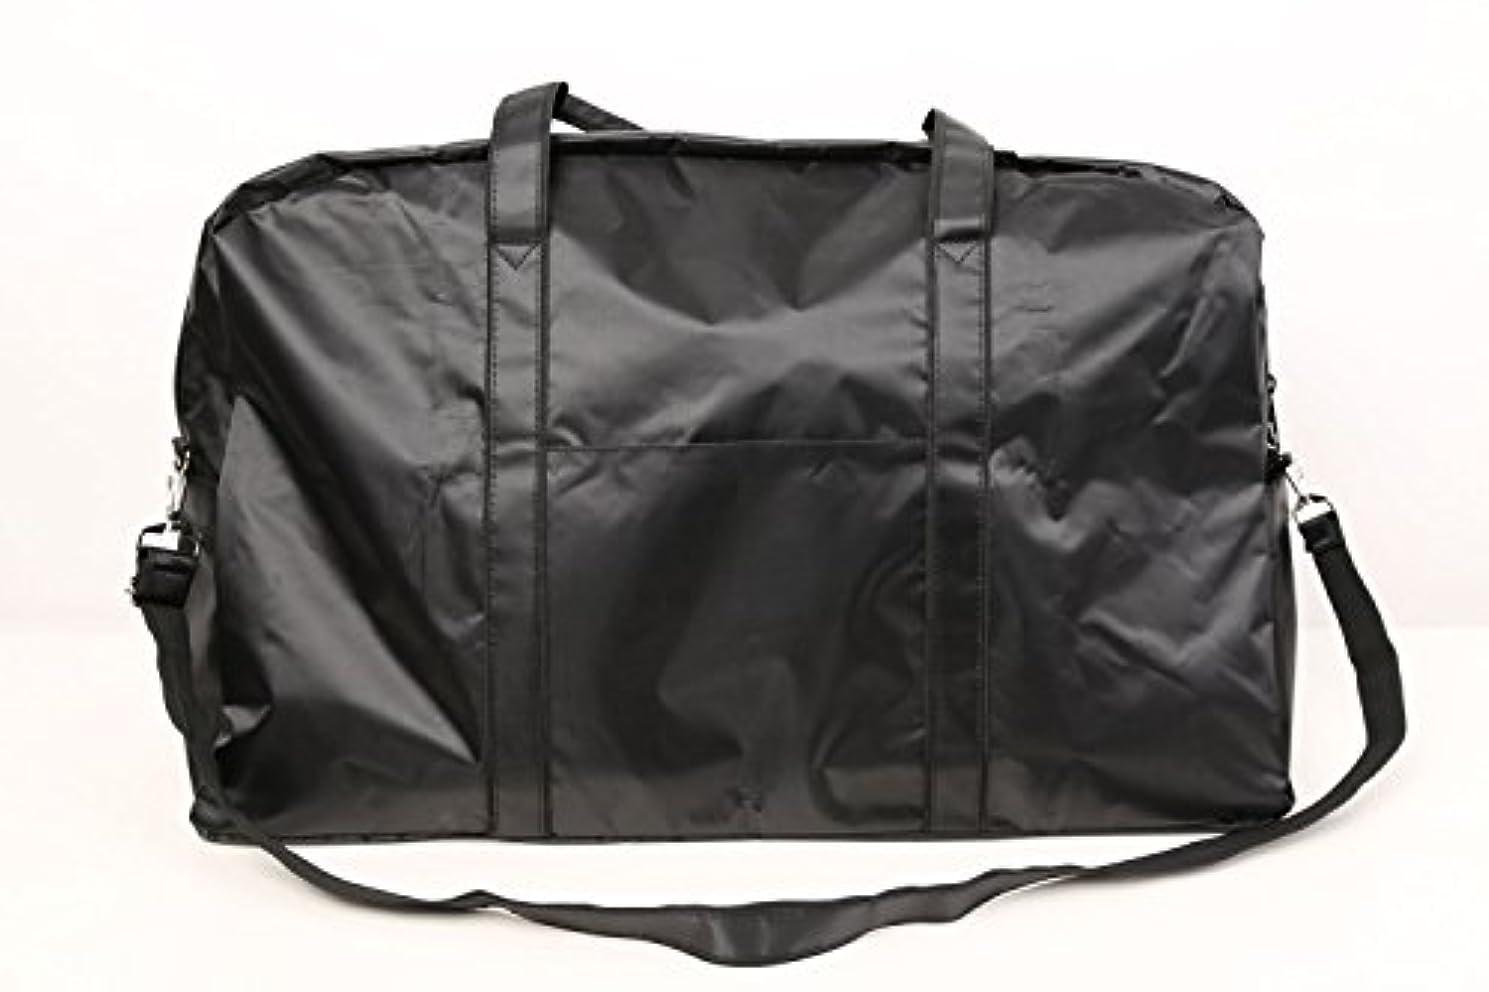 ターミナルミニチュア旋回カットウィッグ用バッグ 大容量 軽量 ナイロンバッグ ブラック XRDB-1